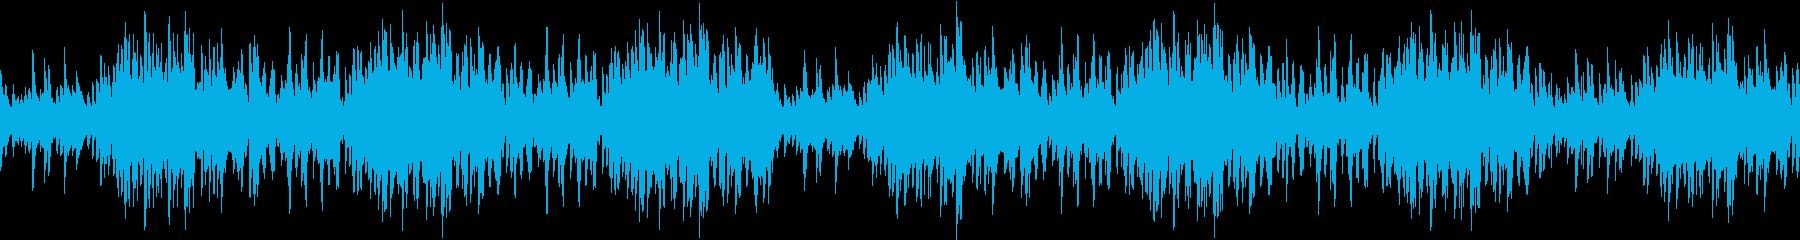 壮大・RPG・ゲーム・アニメ・ピアノの再生済みの波形